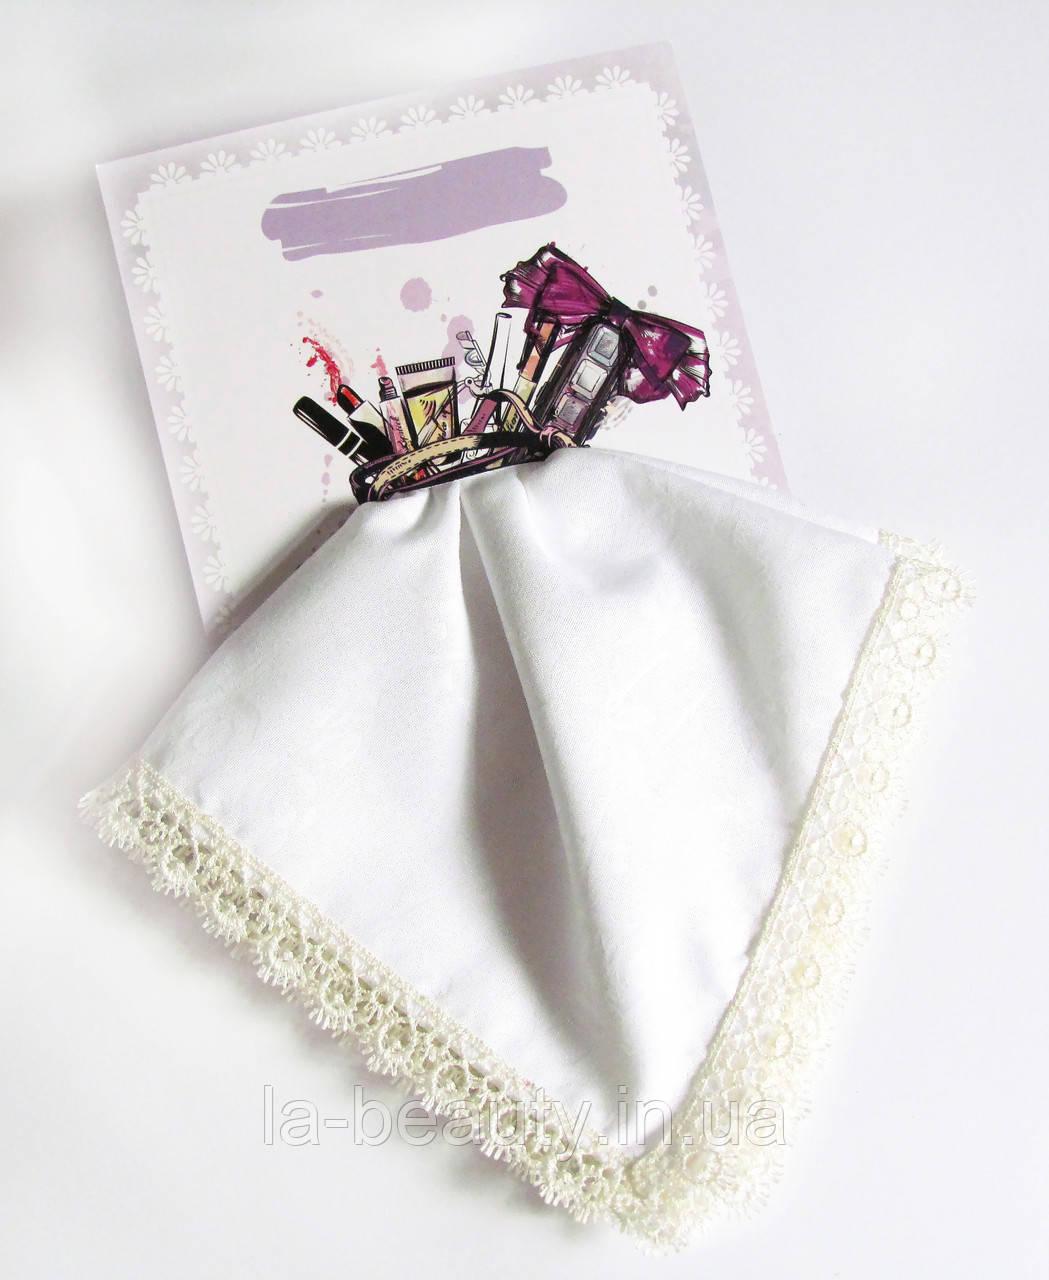 Подарочный женский носовой платок с Вашим текстом белый с кружевом